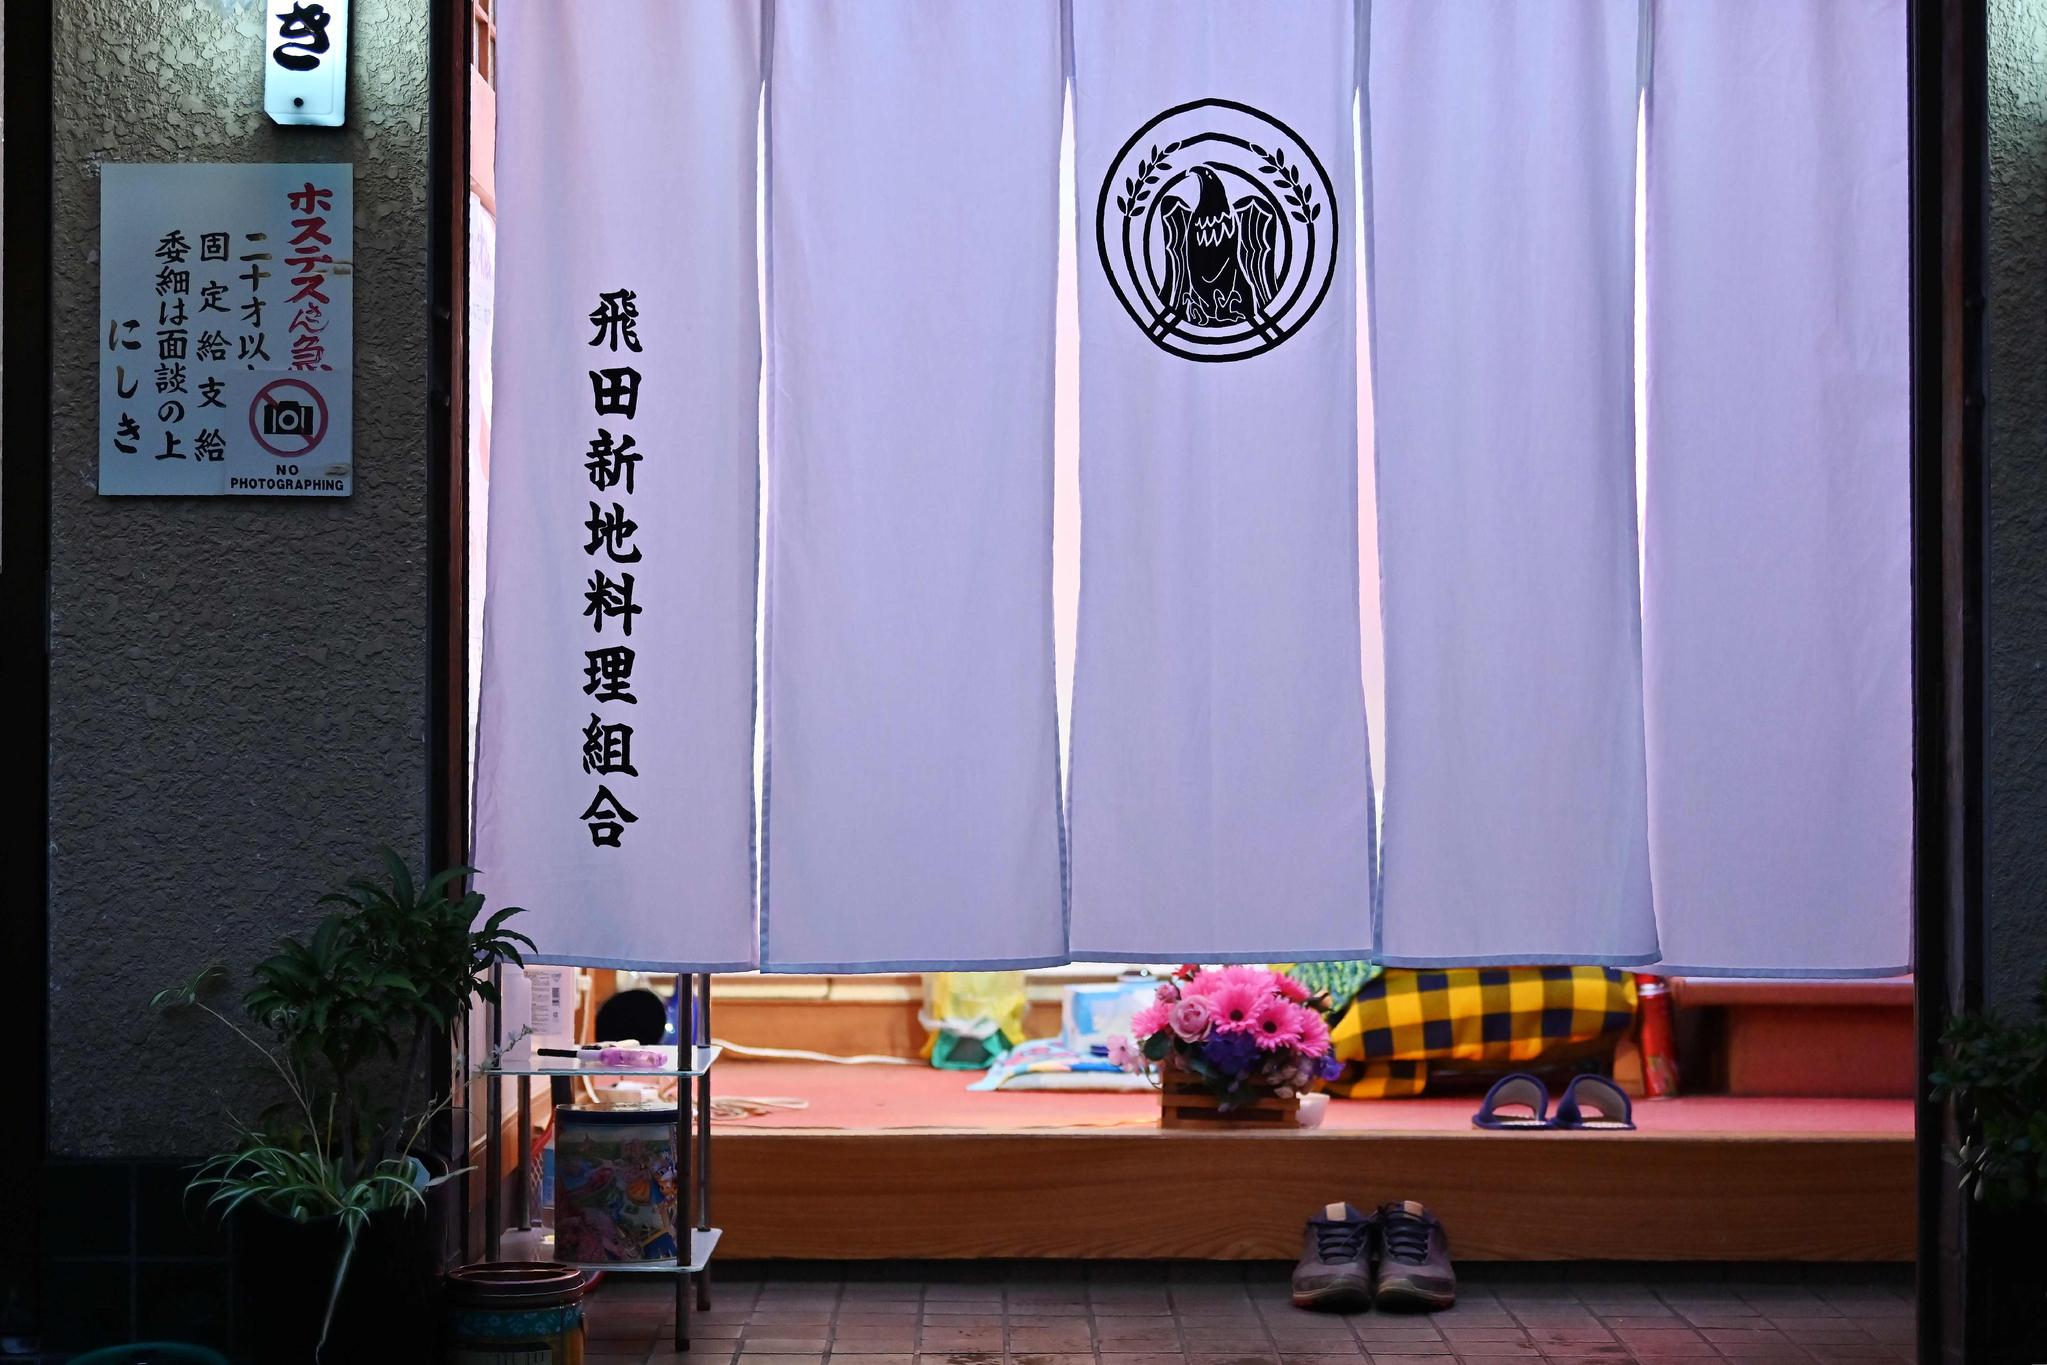 일본 오사카 시의 홍등가인 '토비타신치'의 한 점포에 26일 흰 커튼이 내려져 있다. 토비타신치 협동조합은 성공적인 G20 개최를 위해 쇼 윈도를 가린 채 영업할 예정이며, 회담일인 28일과 29일에는 임시 휴업할 것이라고 밝혔다. [AFP=연합뉴스]